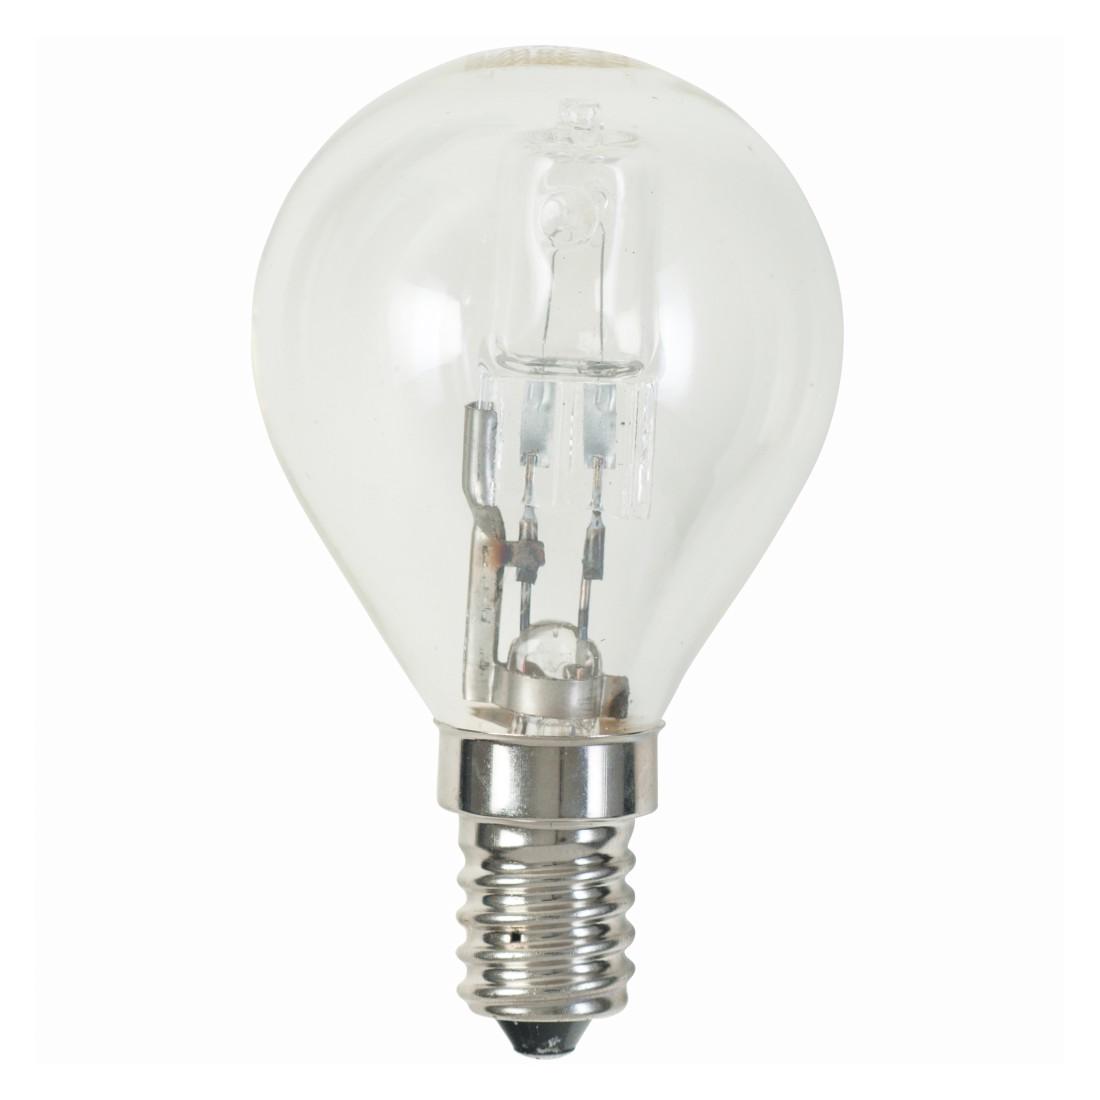 Halogen-Retrofitlampe E14 28 W Tropfen klar ● Klarglas Klar- Stiletto Design Vertreib